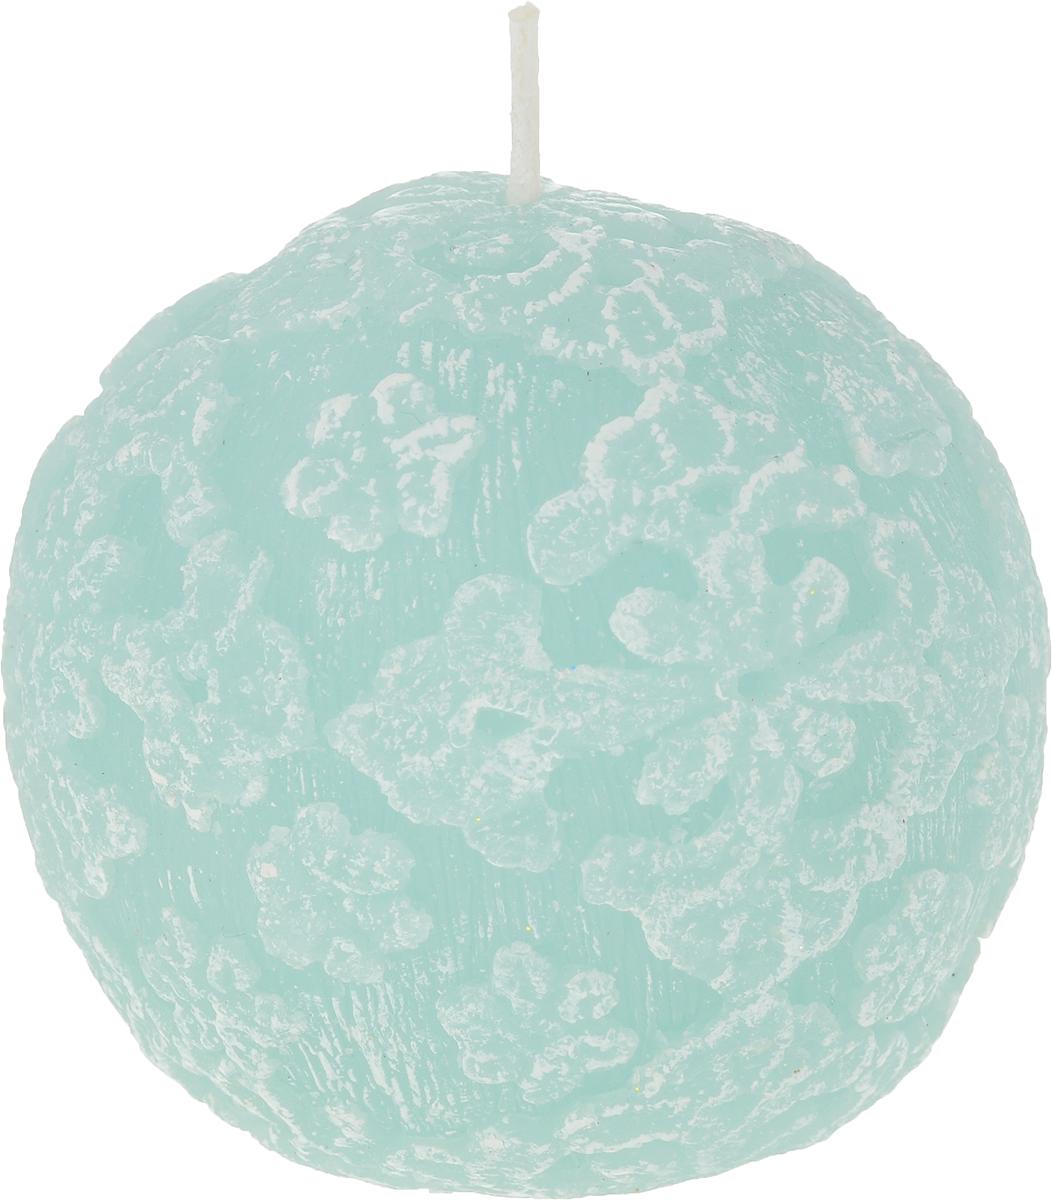 Свеча-шар B&H Цветочное кружево, цвет: бирюзовый, диаметр 7,5 смBH1043_бирюзовыйСвеча-шар Цветочное кружево изготовлена из парафина и декорирована изящным узором. Такая свеча станет изысканным украшением интерьера. Она принесет в ваш дом волшебство и ощущение праздника. Создайте в своем доме атмосферу веселья и радости, и тогда самый обычный день с легкостью превратится в торжество.